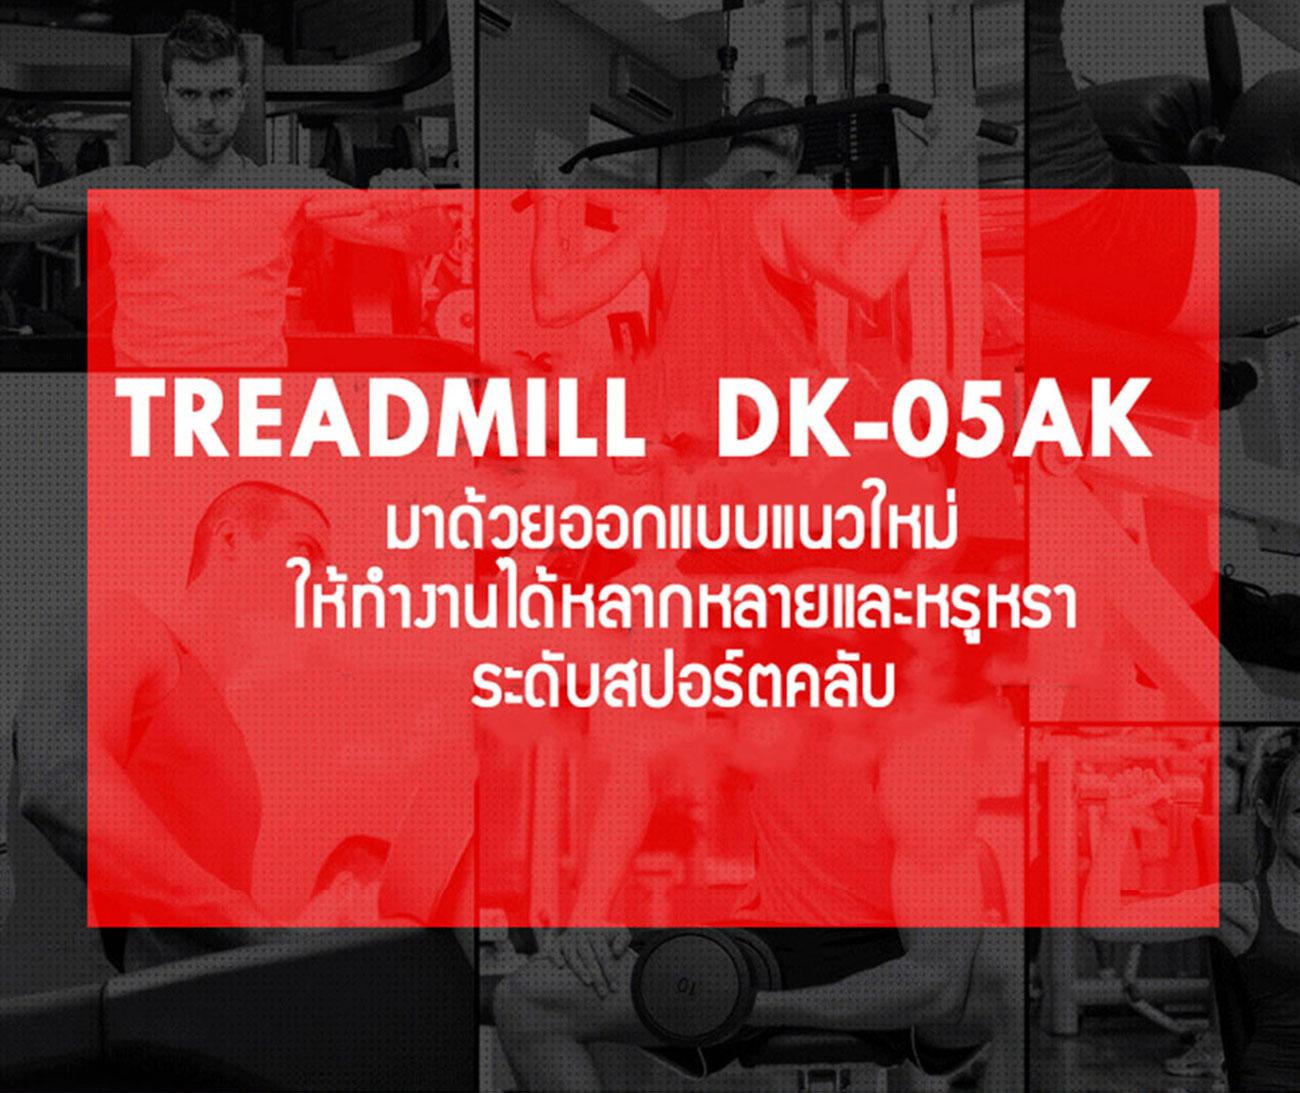 ลู่วิ่งไฟฟ้า ฟิตทูเฟิร์ม รุ่น DK-05AK - 2.0 CHP motor